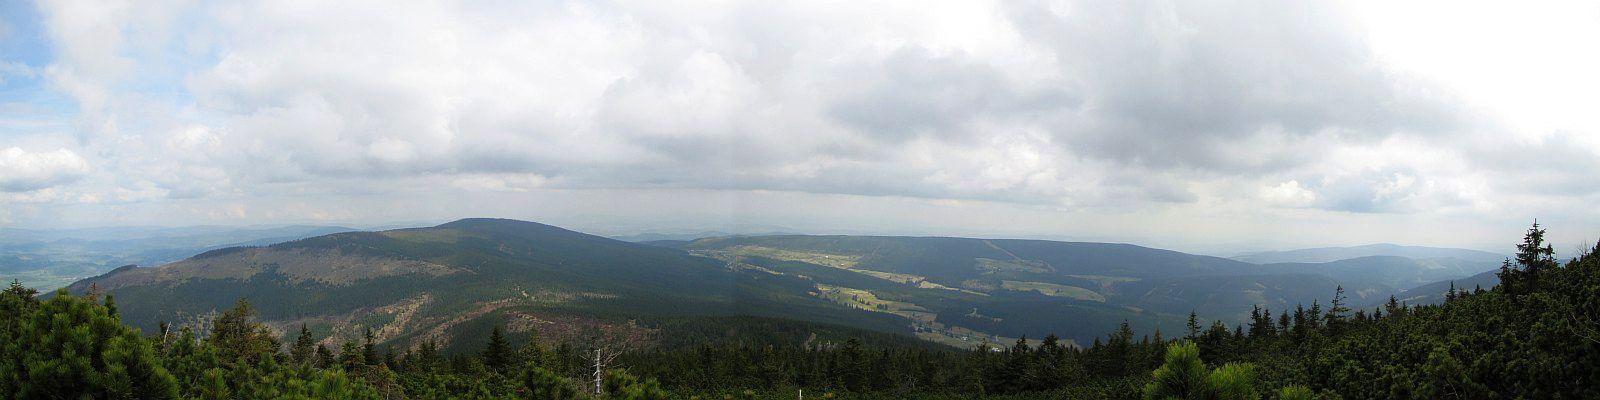 Panorama z Czarnej Kopy na Grzbiet Kowarski i Lasocki Grzbiet.